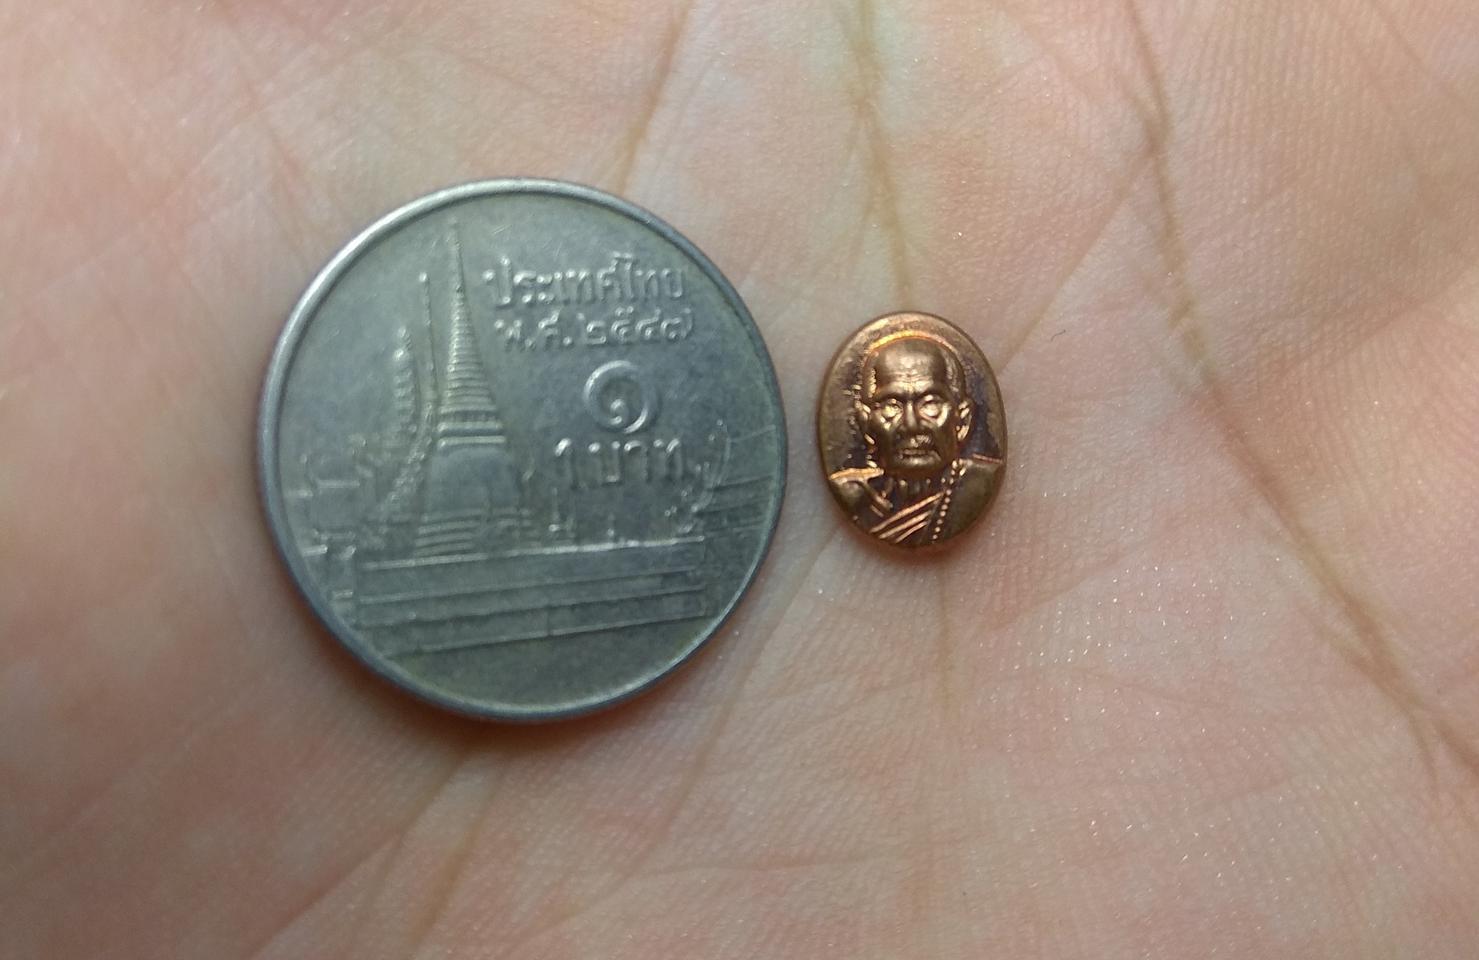 เหรียญเม็ดยาเล็ก วัดป่าหนองหล่ม รุ่นรวยเบิกฟ้า ปี59 รูปที่ 4